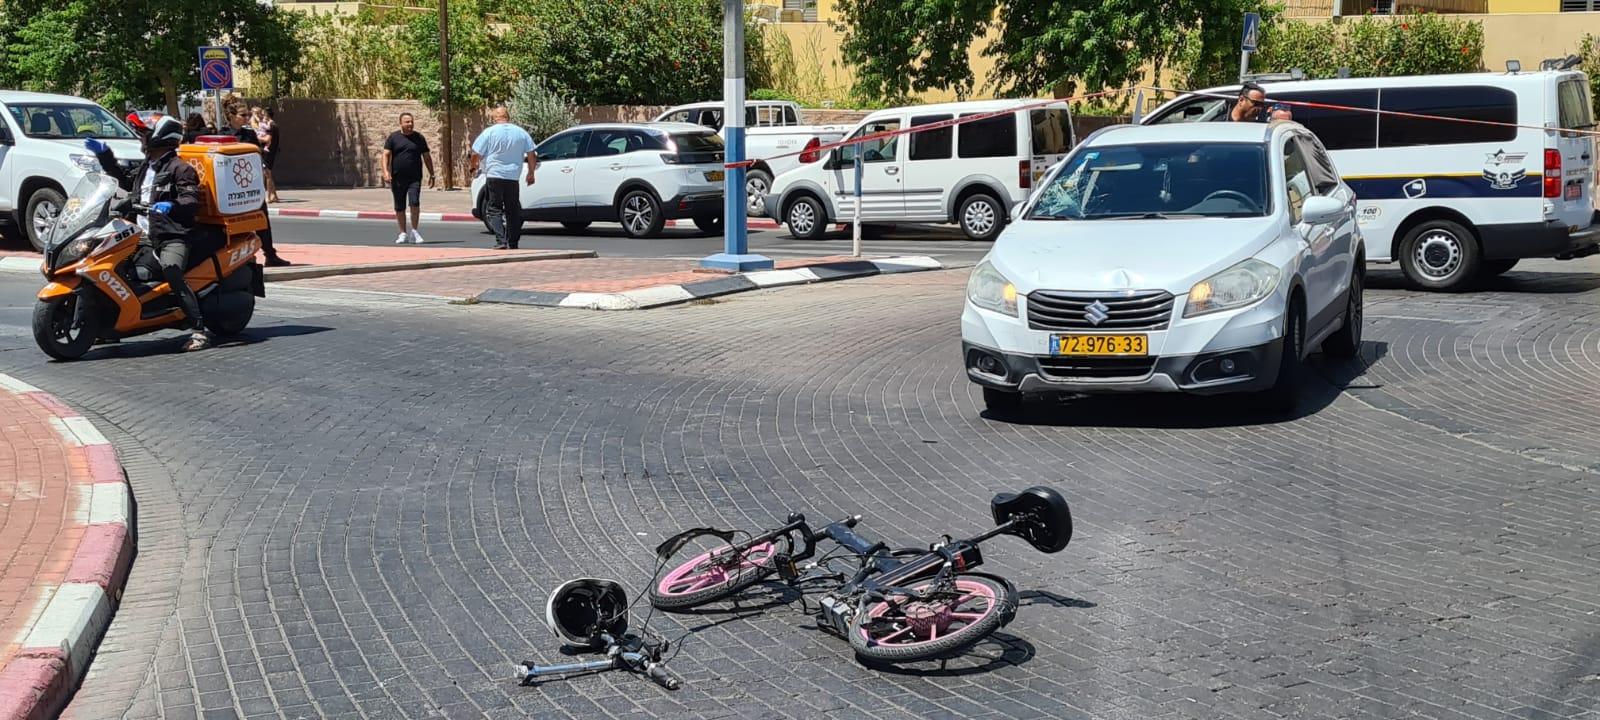 רוכב אופניים נפגע בתאונת דרכים באילת